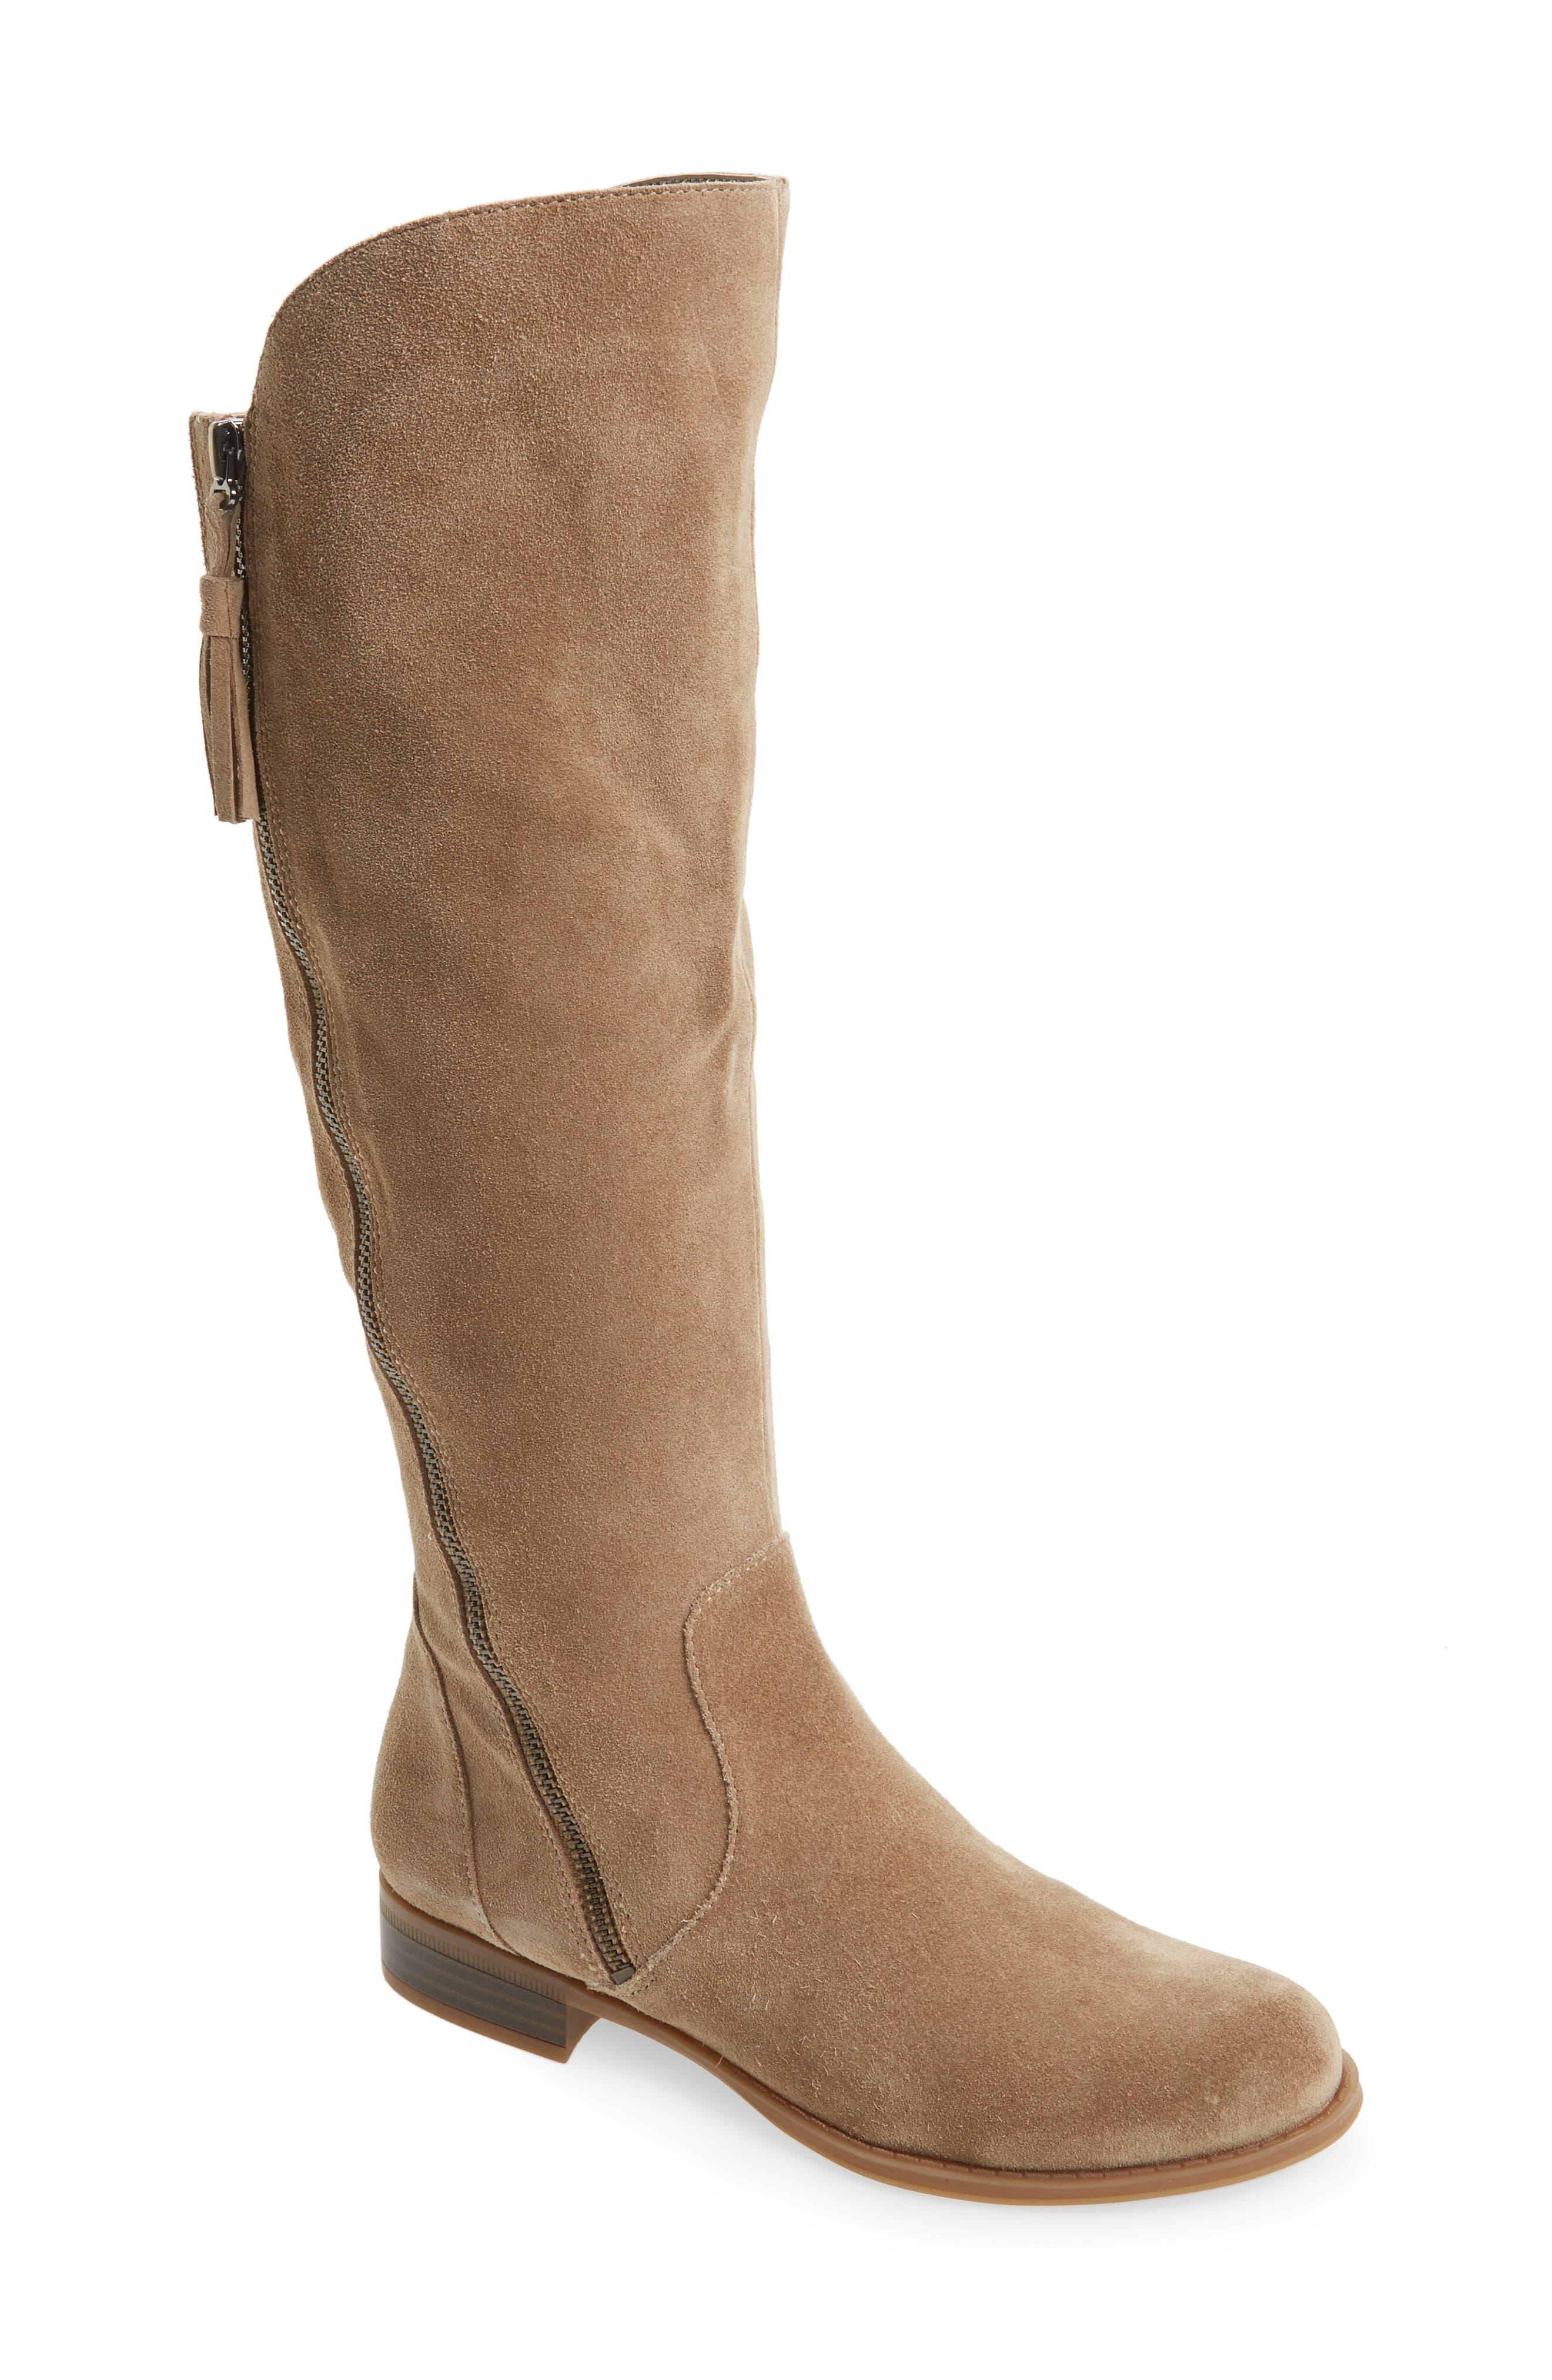 Main Image - Naturalizer Jinnie Tall Boot (Women) (Regular & Wide Calf)